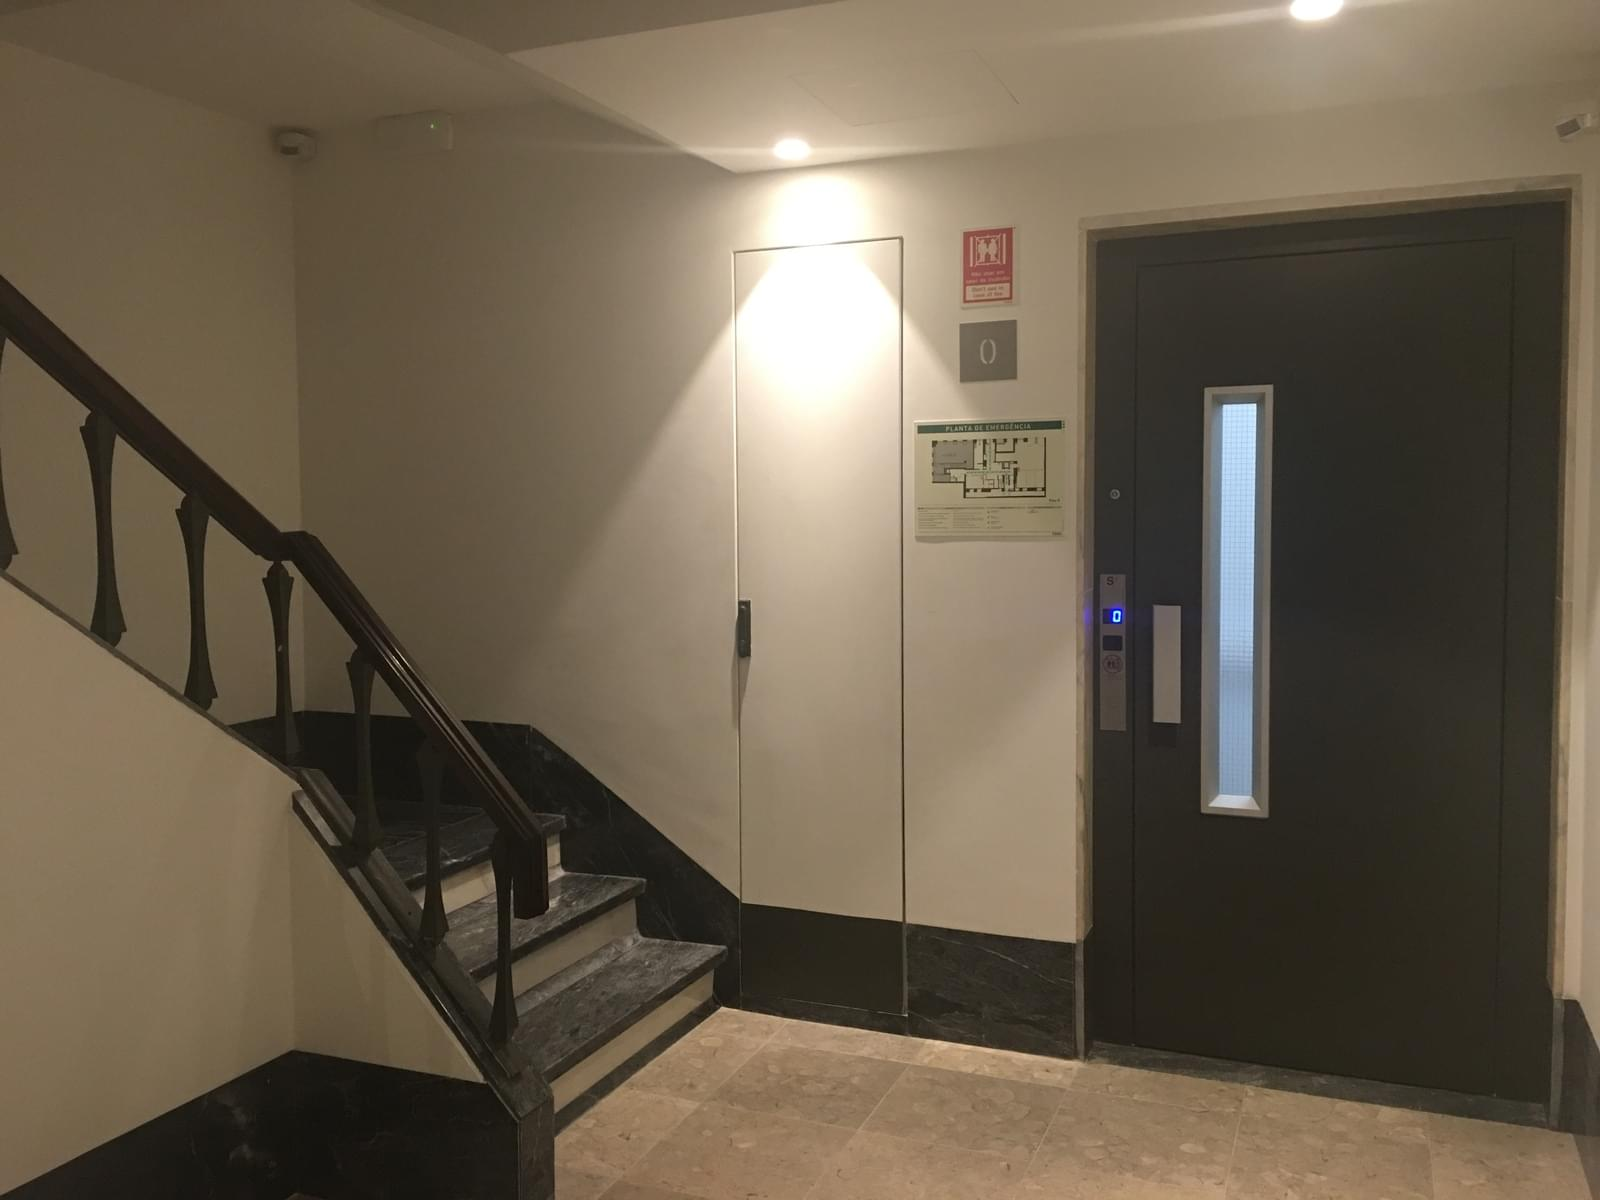 pf17866-apartamento-t1-lisboa-05fa882e-4320-4c61-af3e-2dfb84ed127d